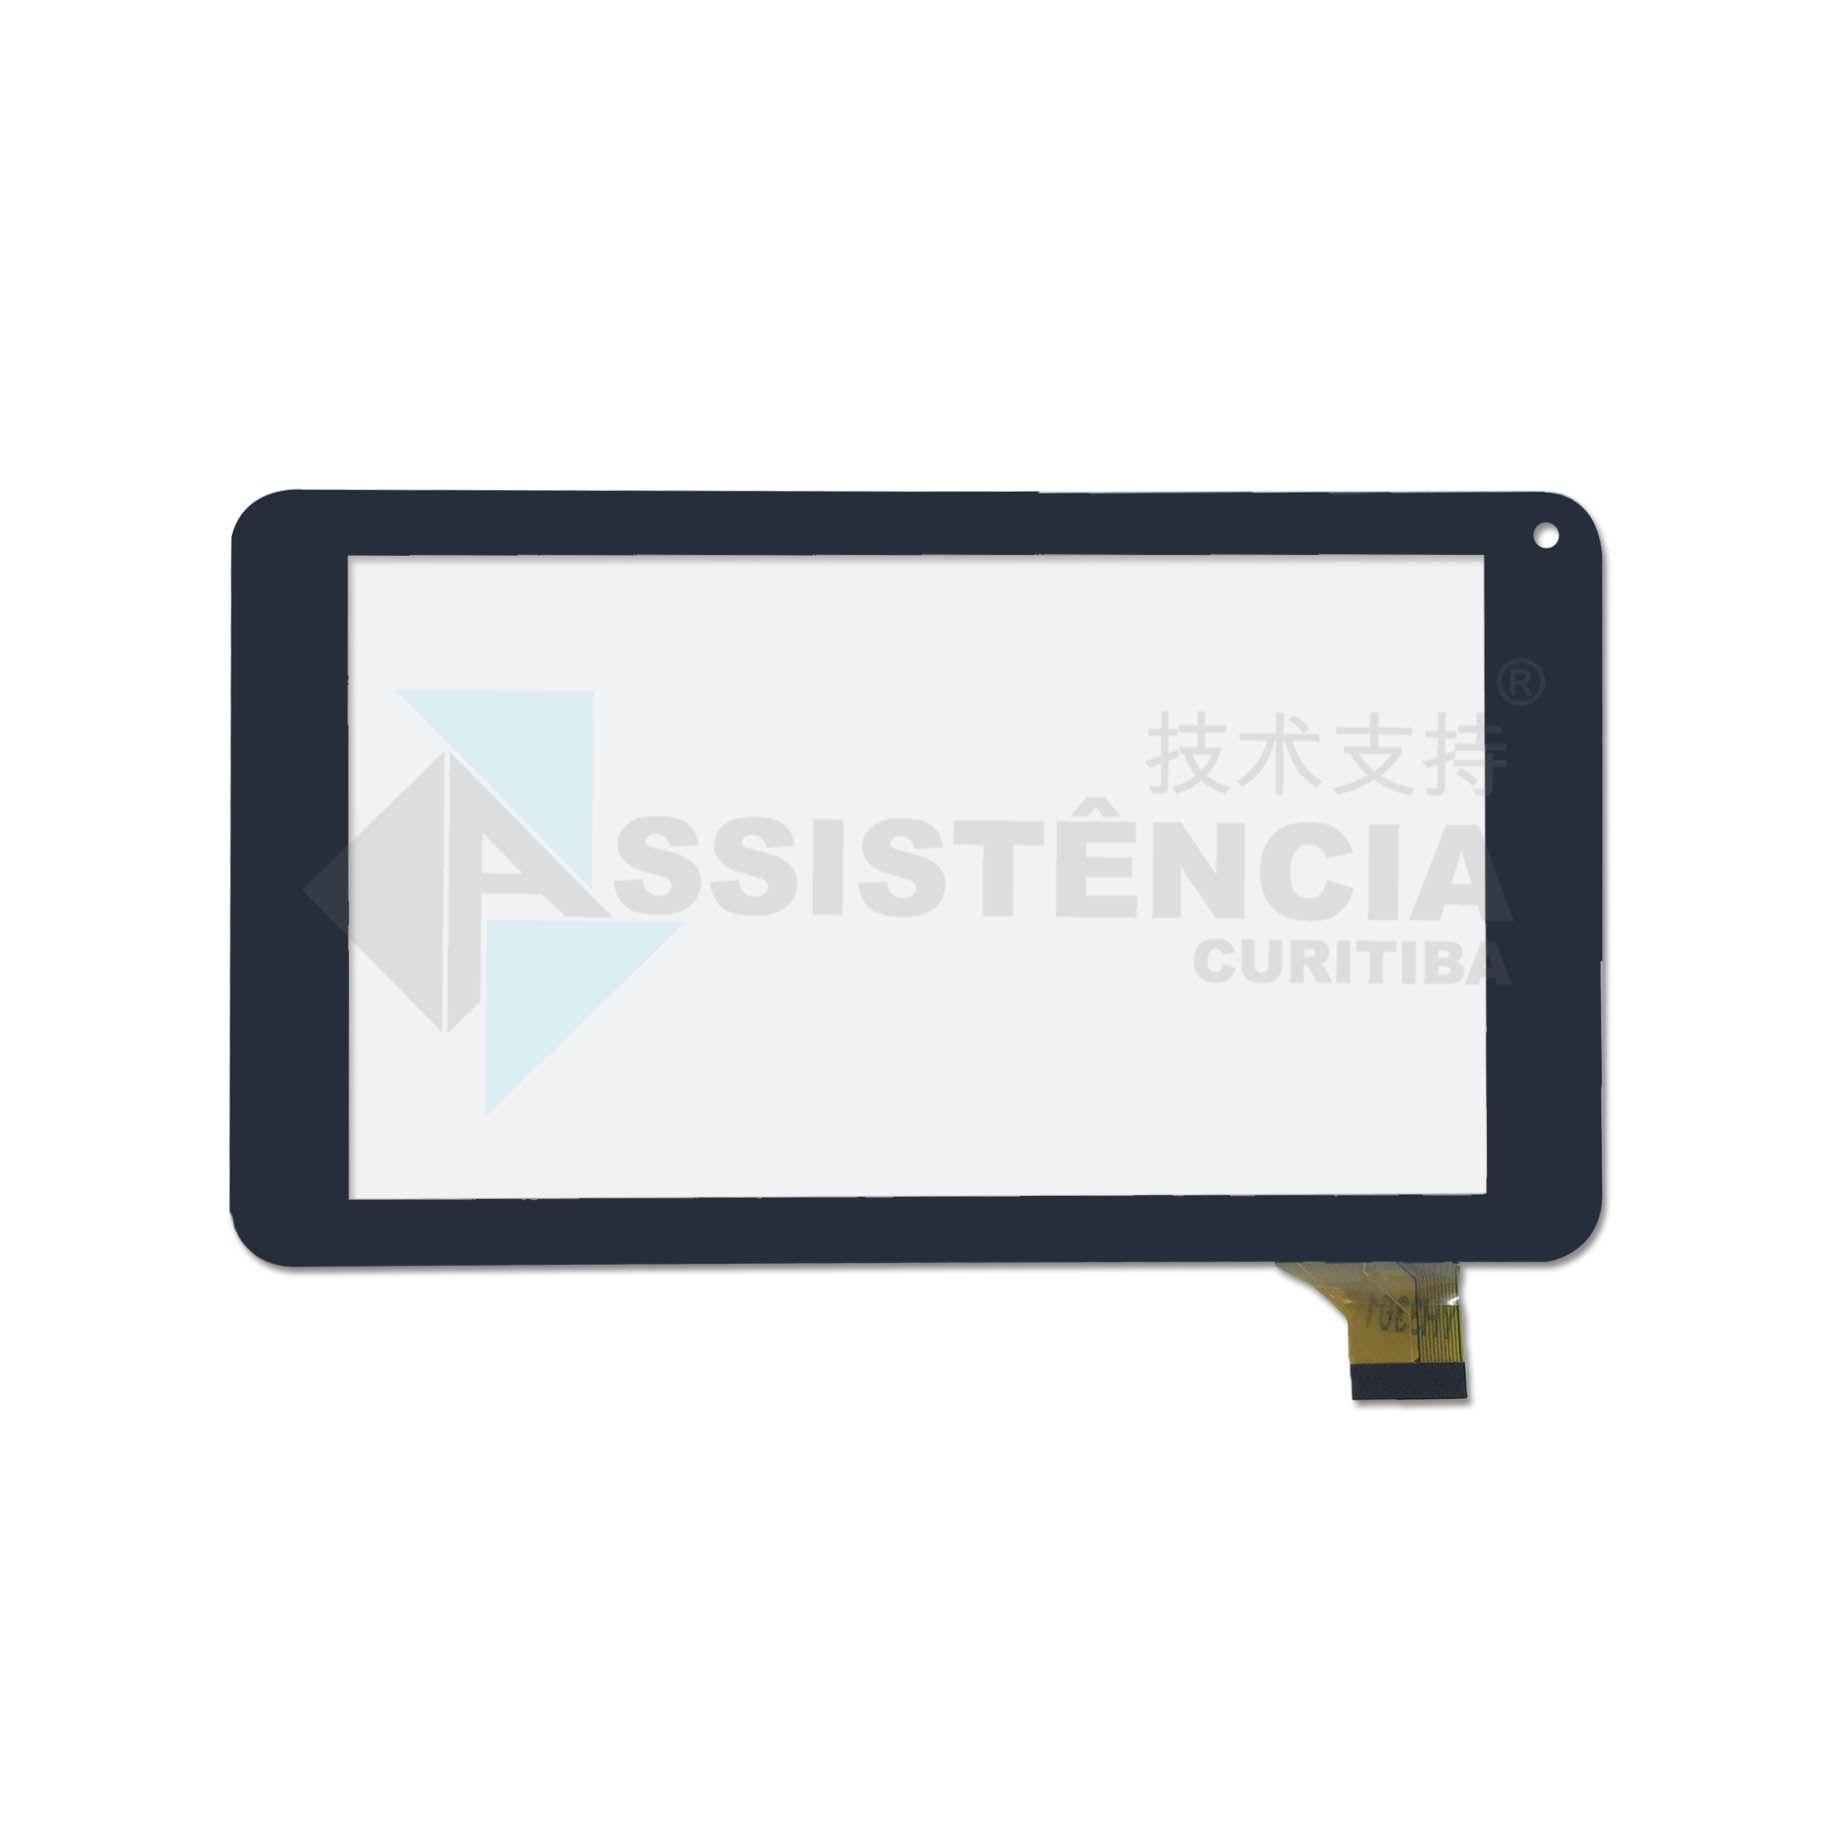 Tela Touch Foston Fs-3D720Pc Preto